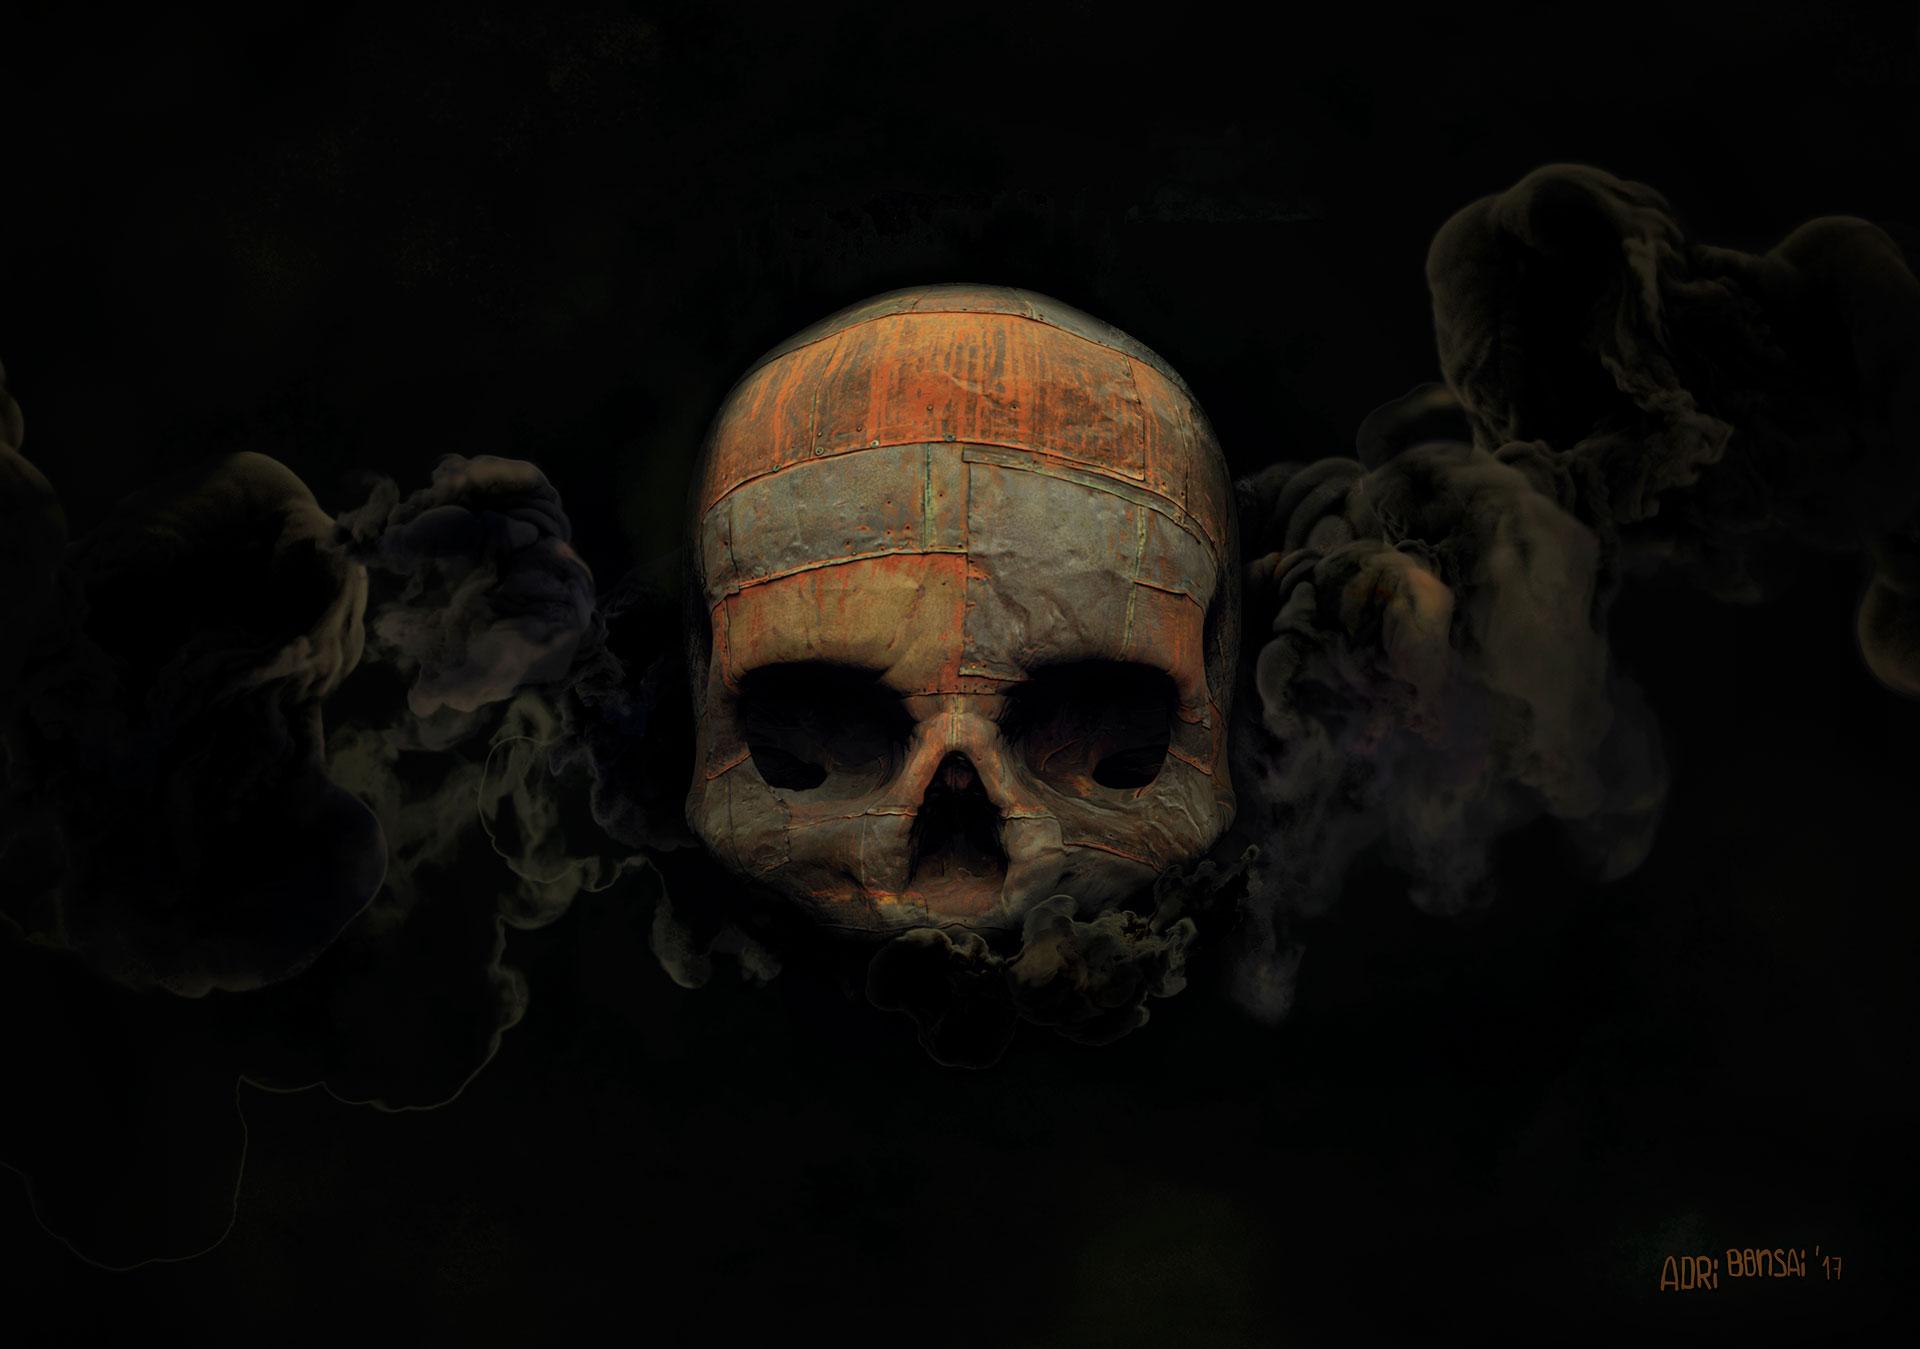 Vandal's skull